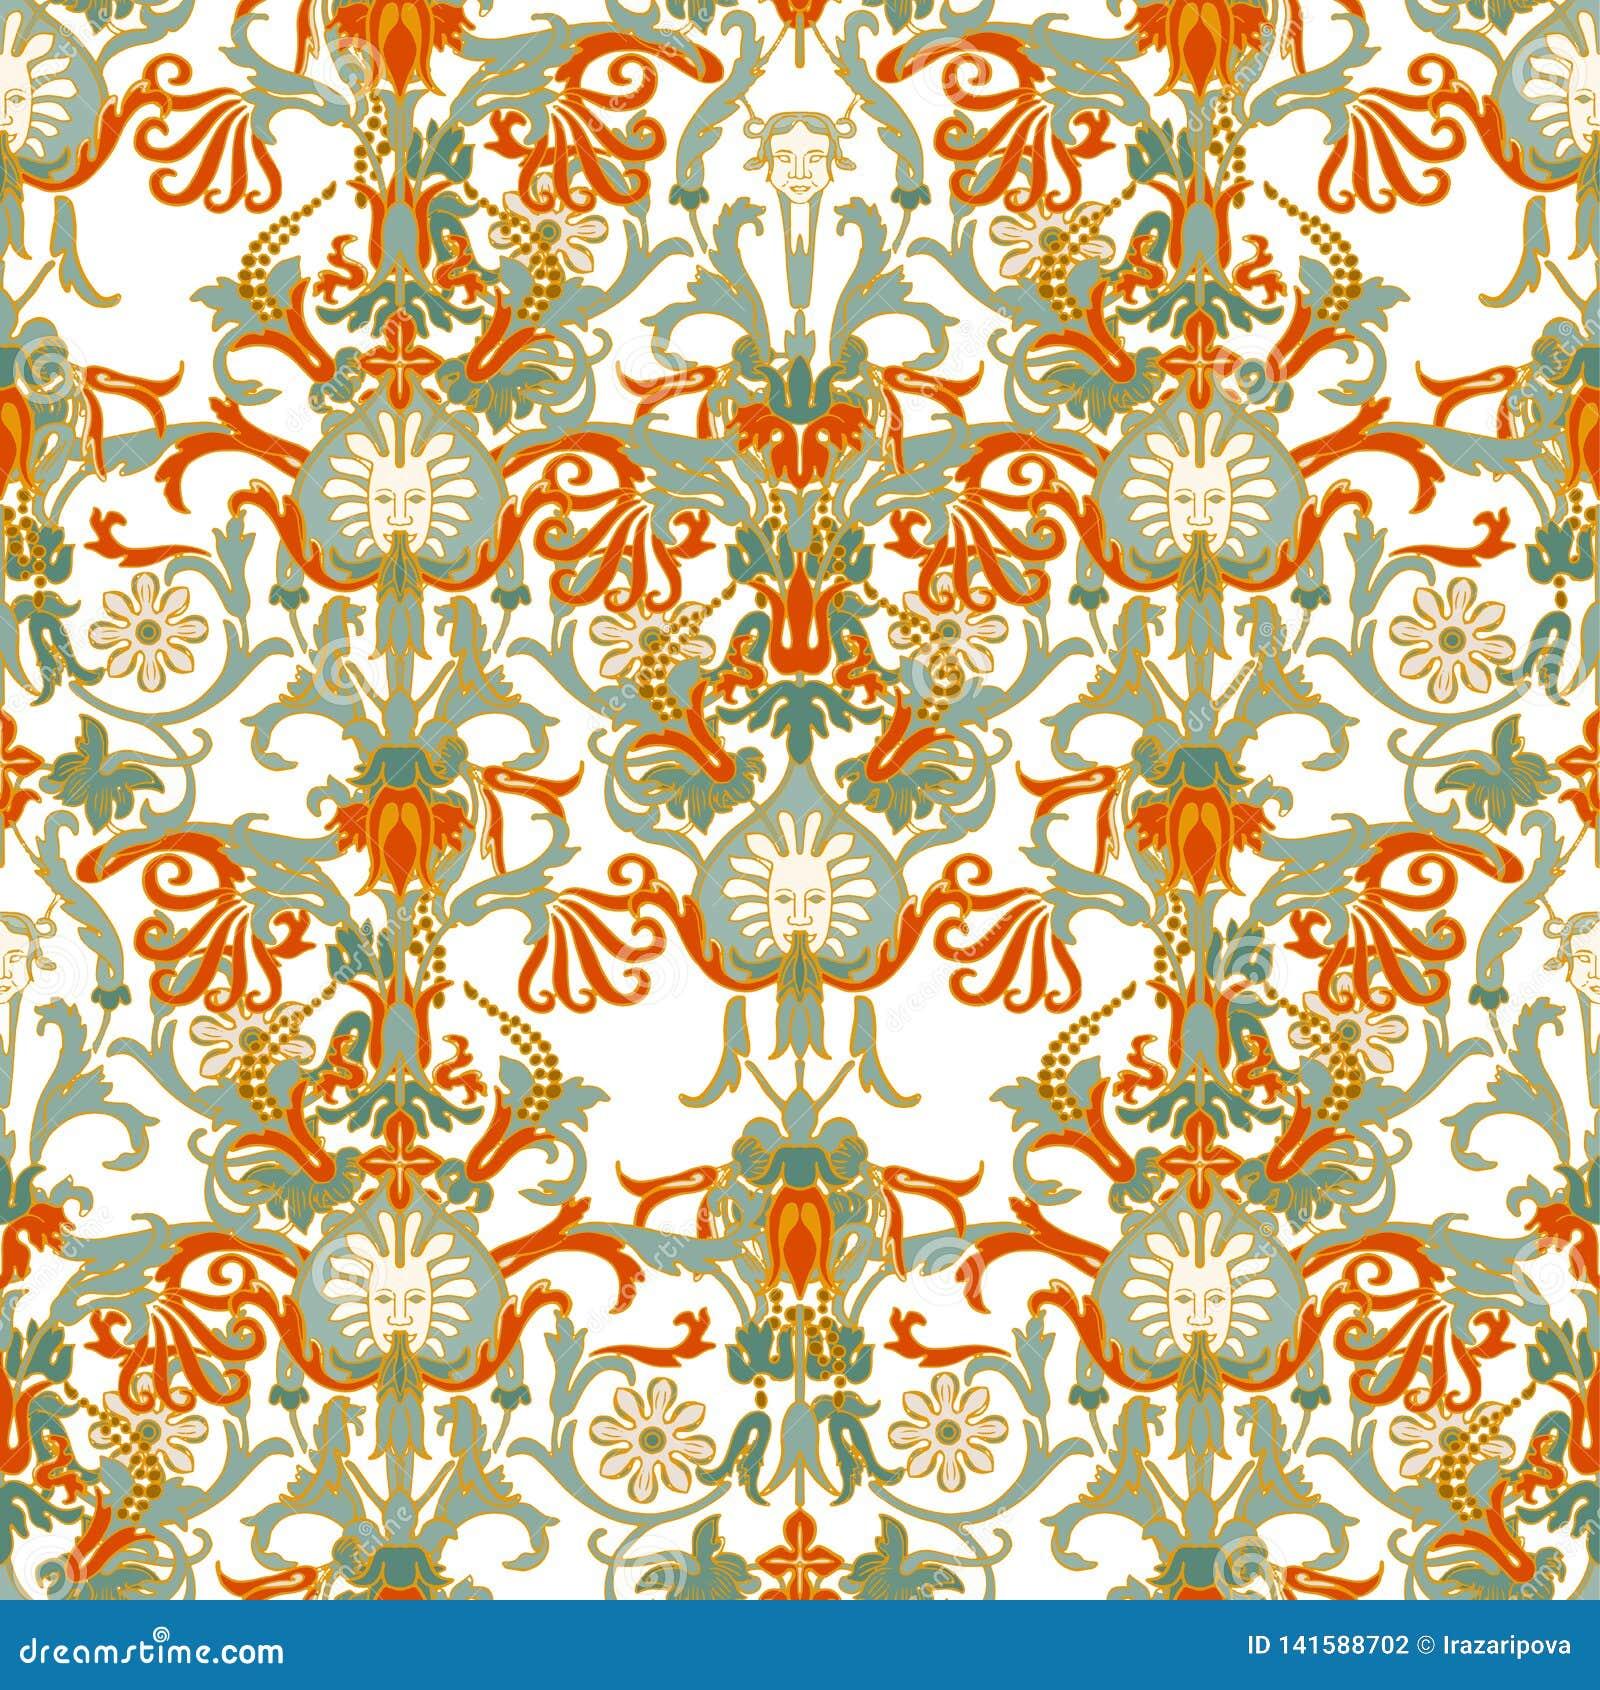 Πορτογαλικό σχέδιο κεραμικών κεραμιδιών azulejo Εθνική λαϊκή διακόσμηση Μεσογειακή παραδοσιακή διακόσμηση Ιταλική αγγειοπλαστική,